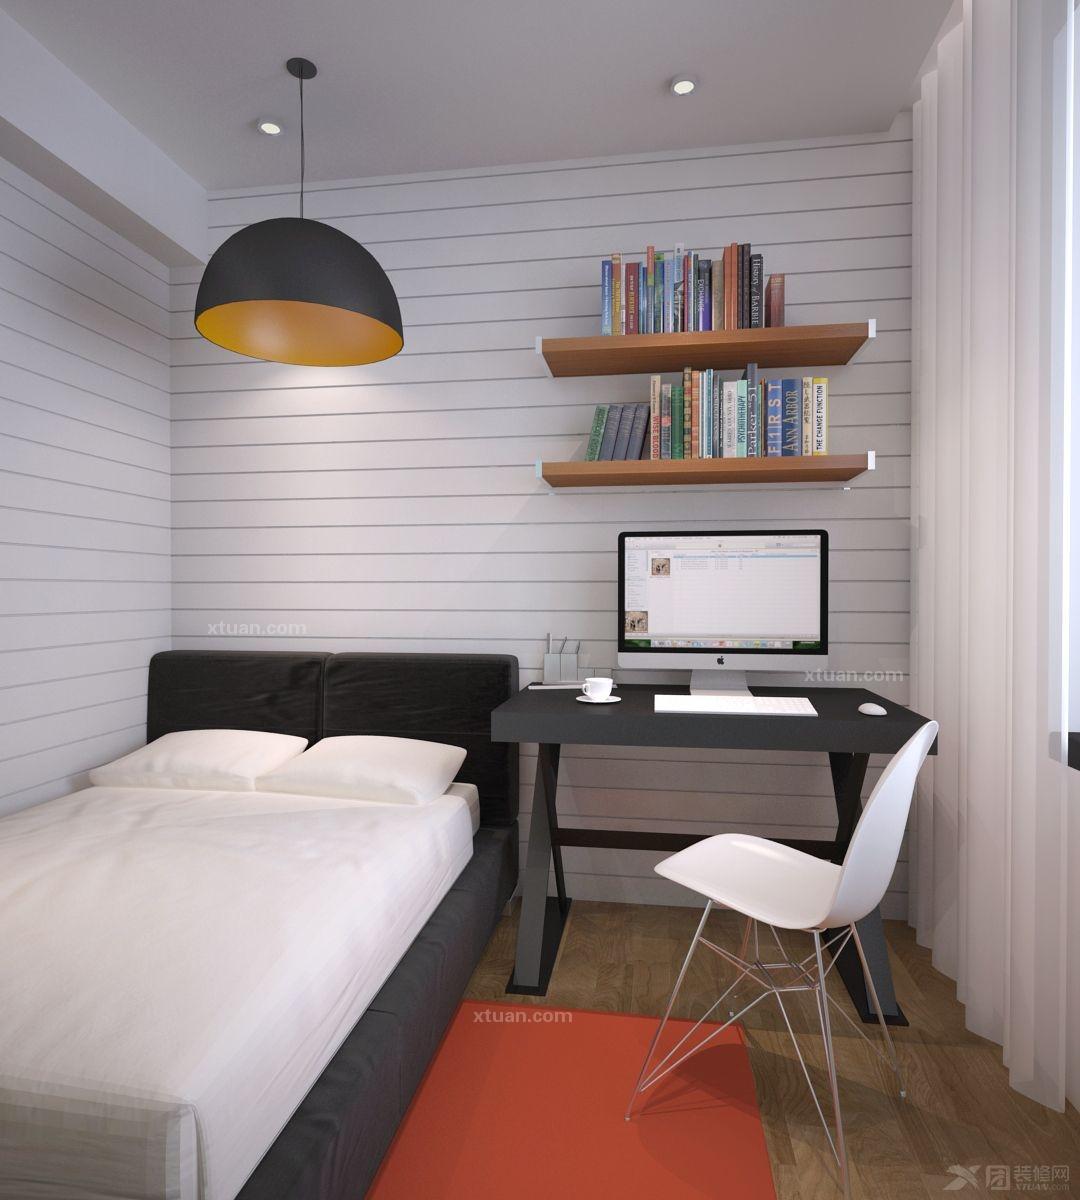 户型:两室两厅 风格:现代简约 装修类型:家装 装修方式:全包 面积:96